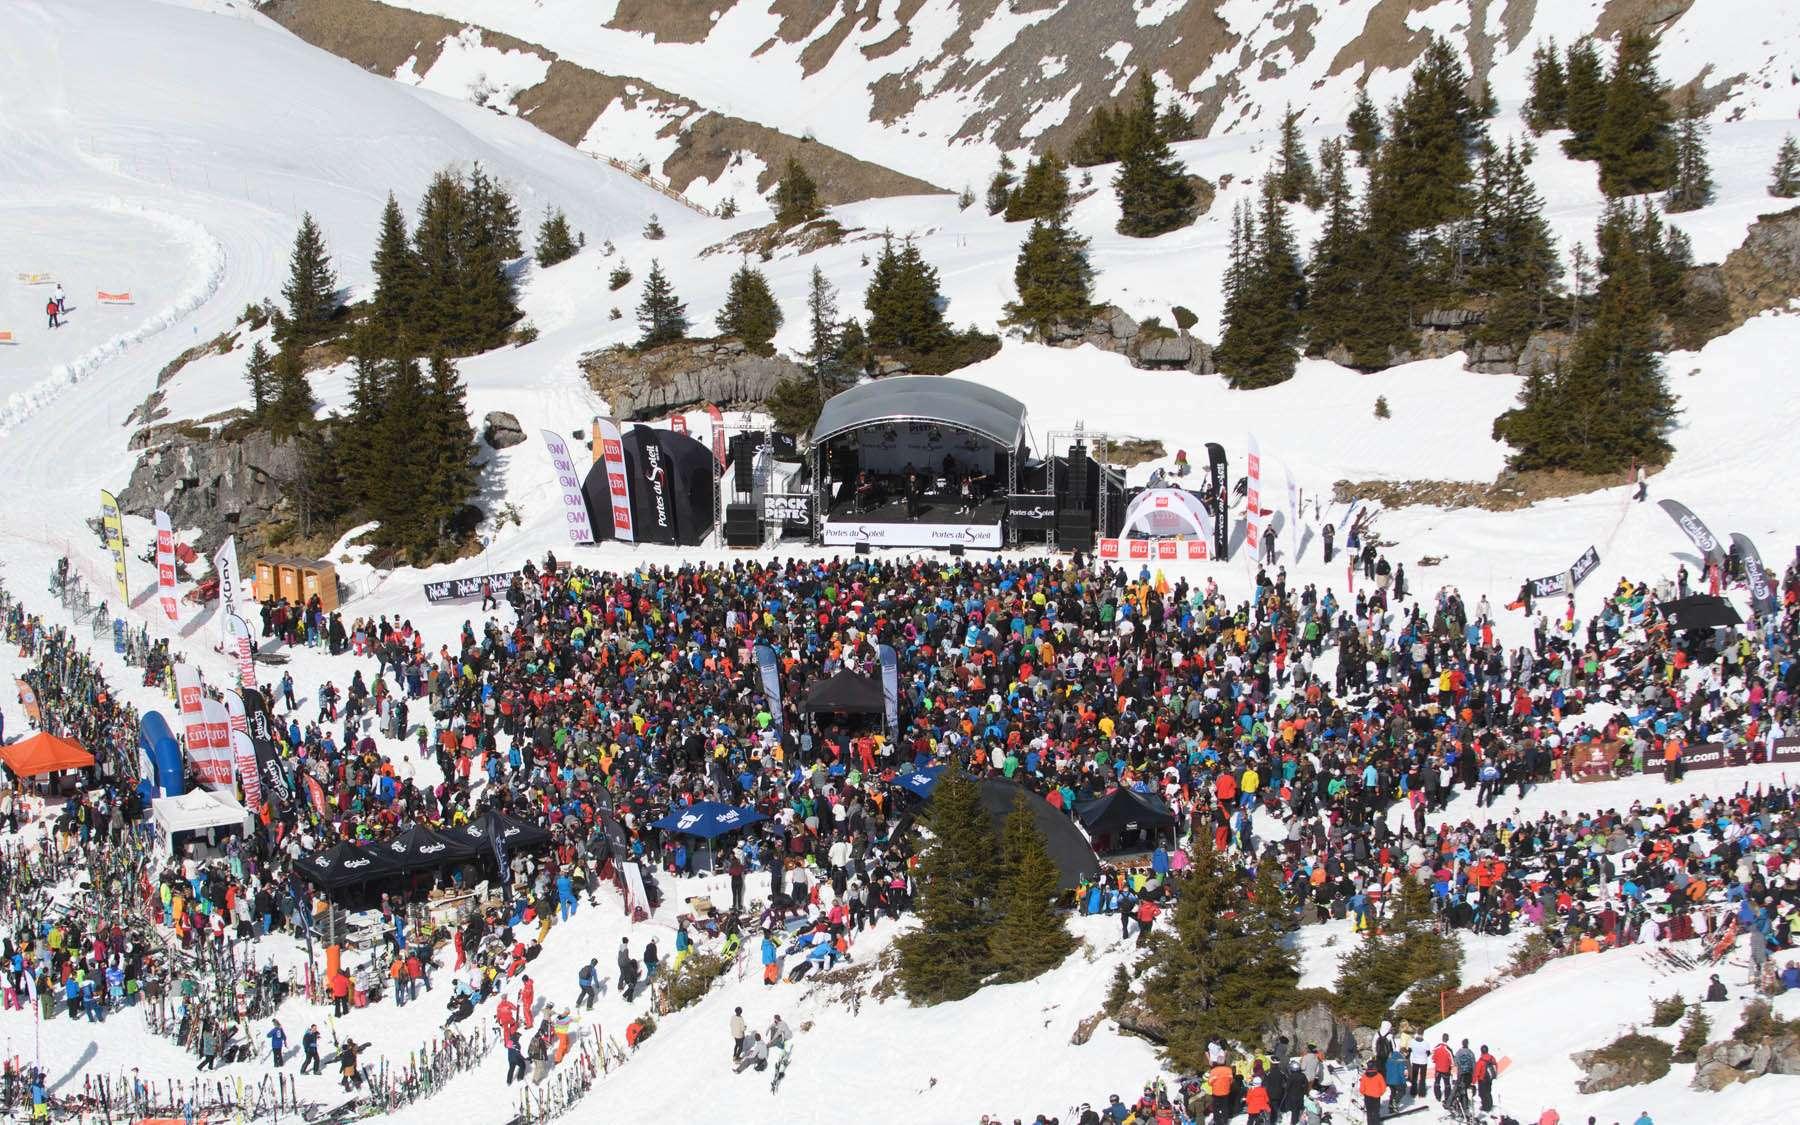 [Avoriaz] Snowboxx 2019 : une semaine déjantée à la neige entre concerts, DJ sets et activités